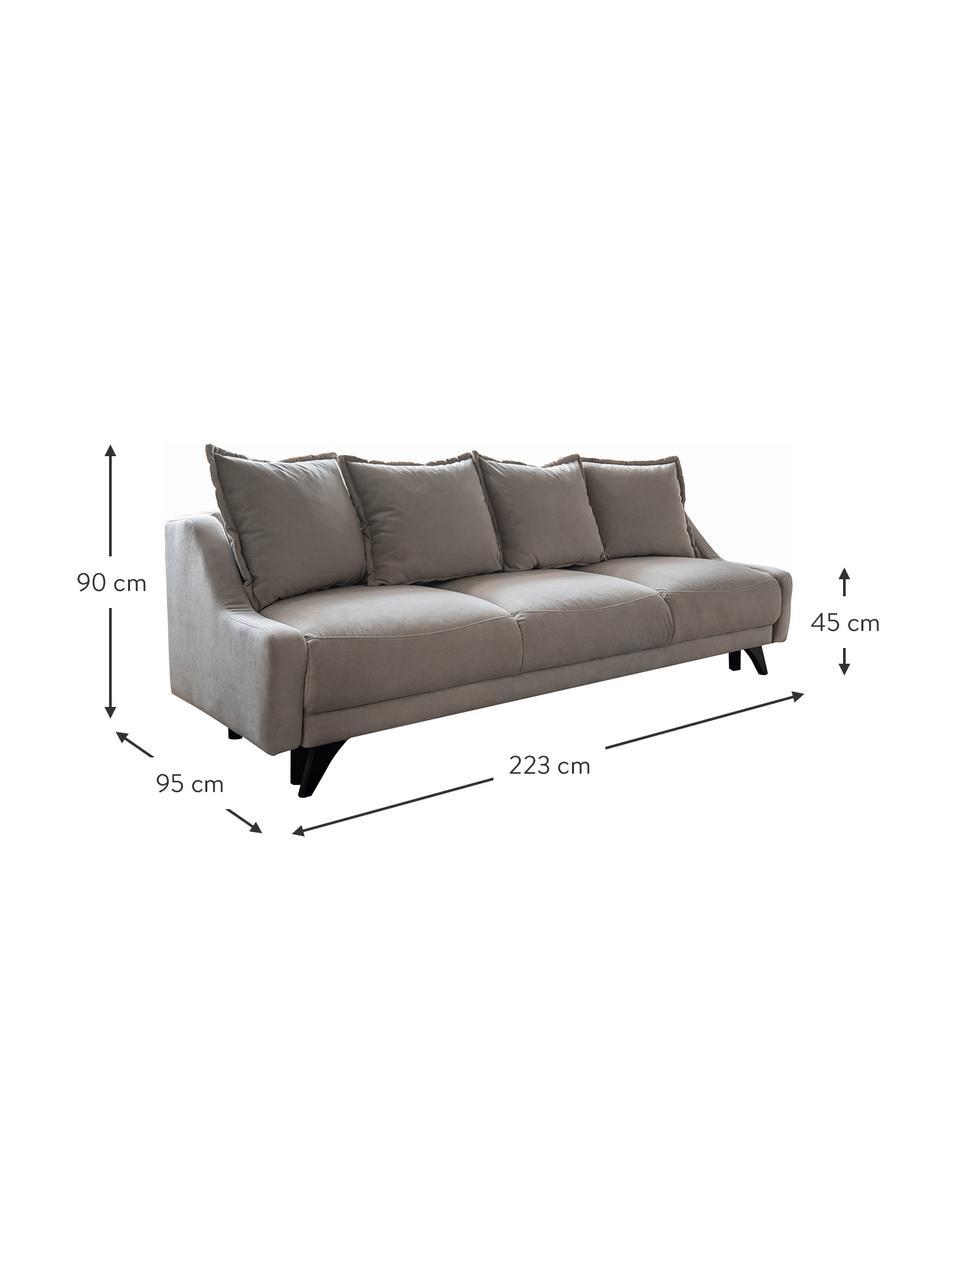 Sofa rozkładana z aksamitu Royal (3-osobowa), Beżowy, S 223 x G 95 cm